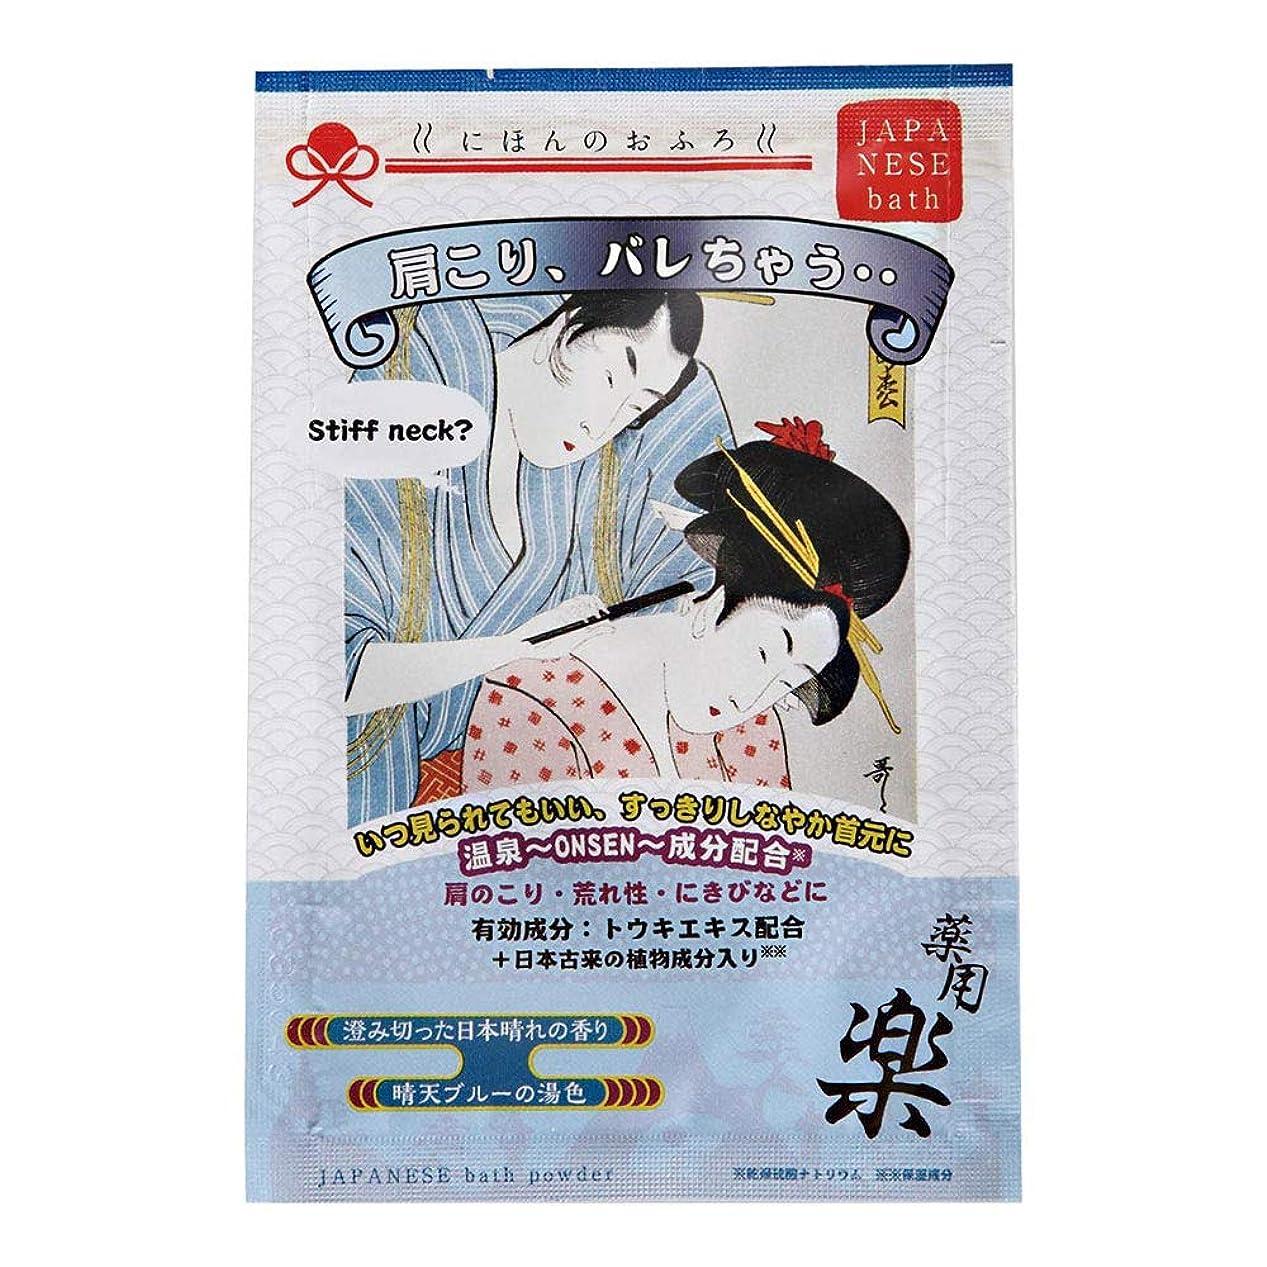 彼ベアリングサークル防ぐにほんのおふろ 肩こり、バレちゃう?? 澄み切った日本晴れの香り 25g